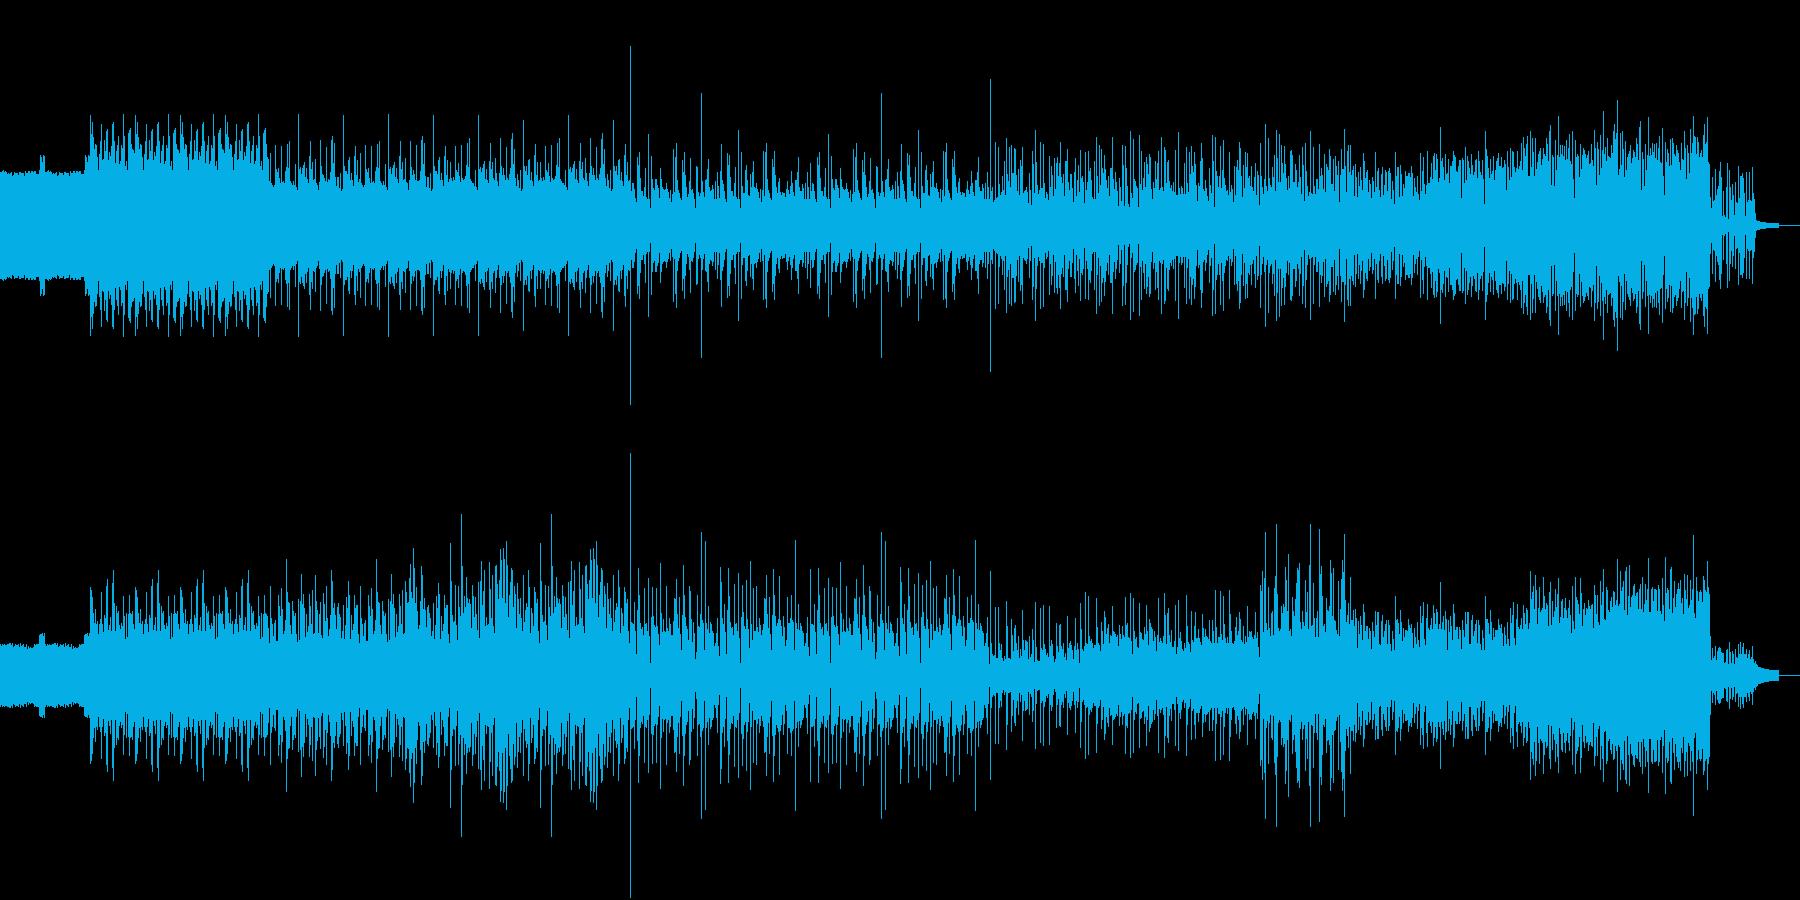 不思議な雰囲気を醸し出す音楽の再生済みの波形